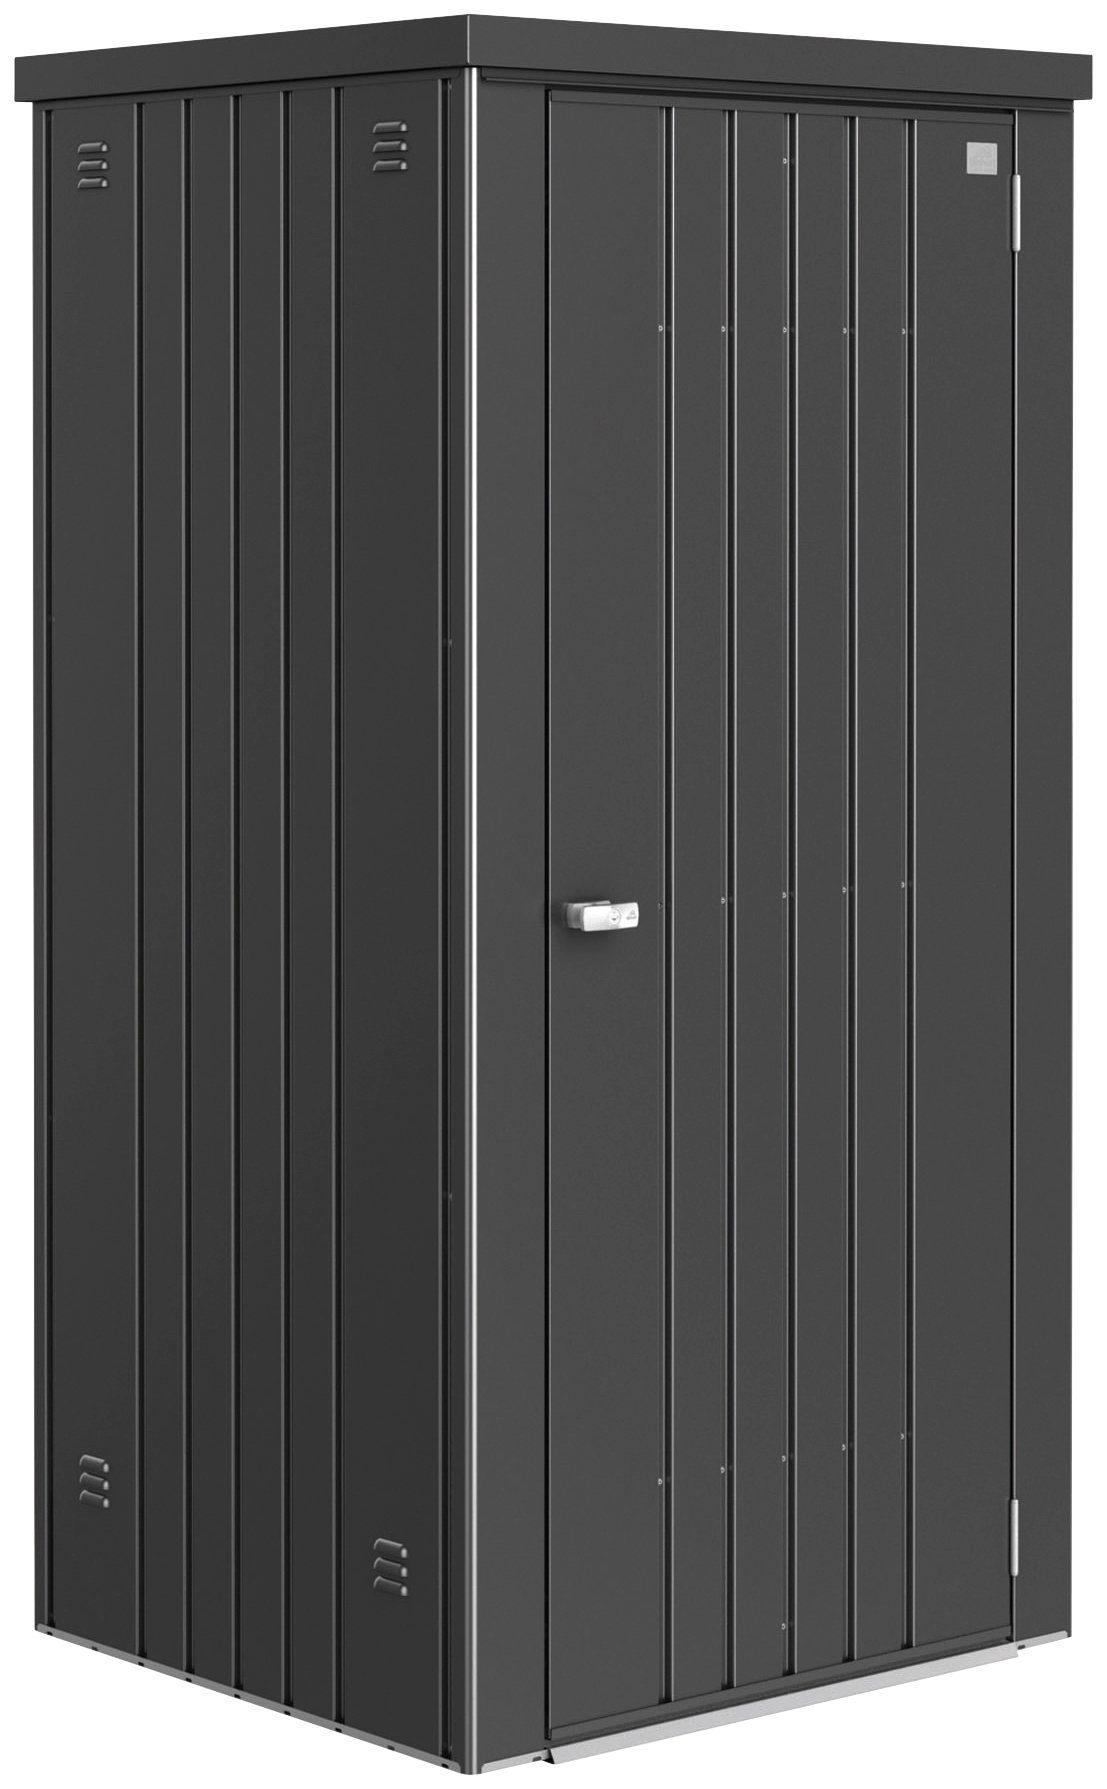 Biohort Geräteschrank »Gr. 90«, B/T/H: 93/83/182,5 cm, dunkelgrau metallic